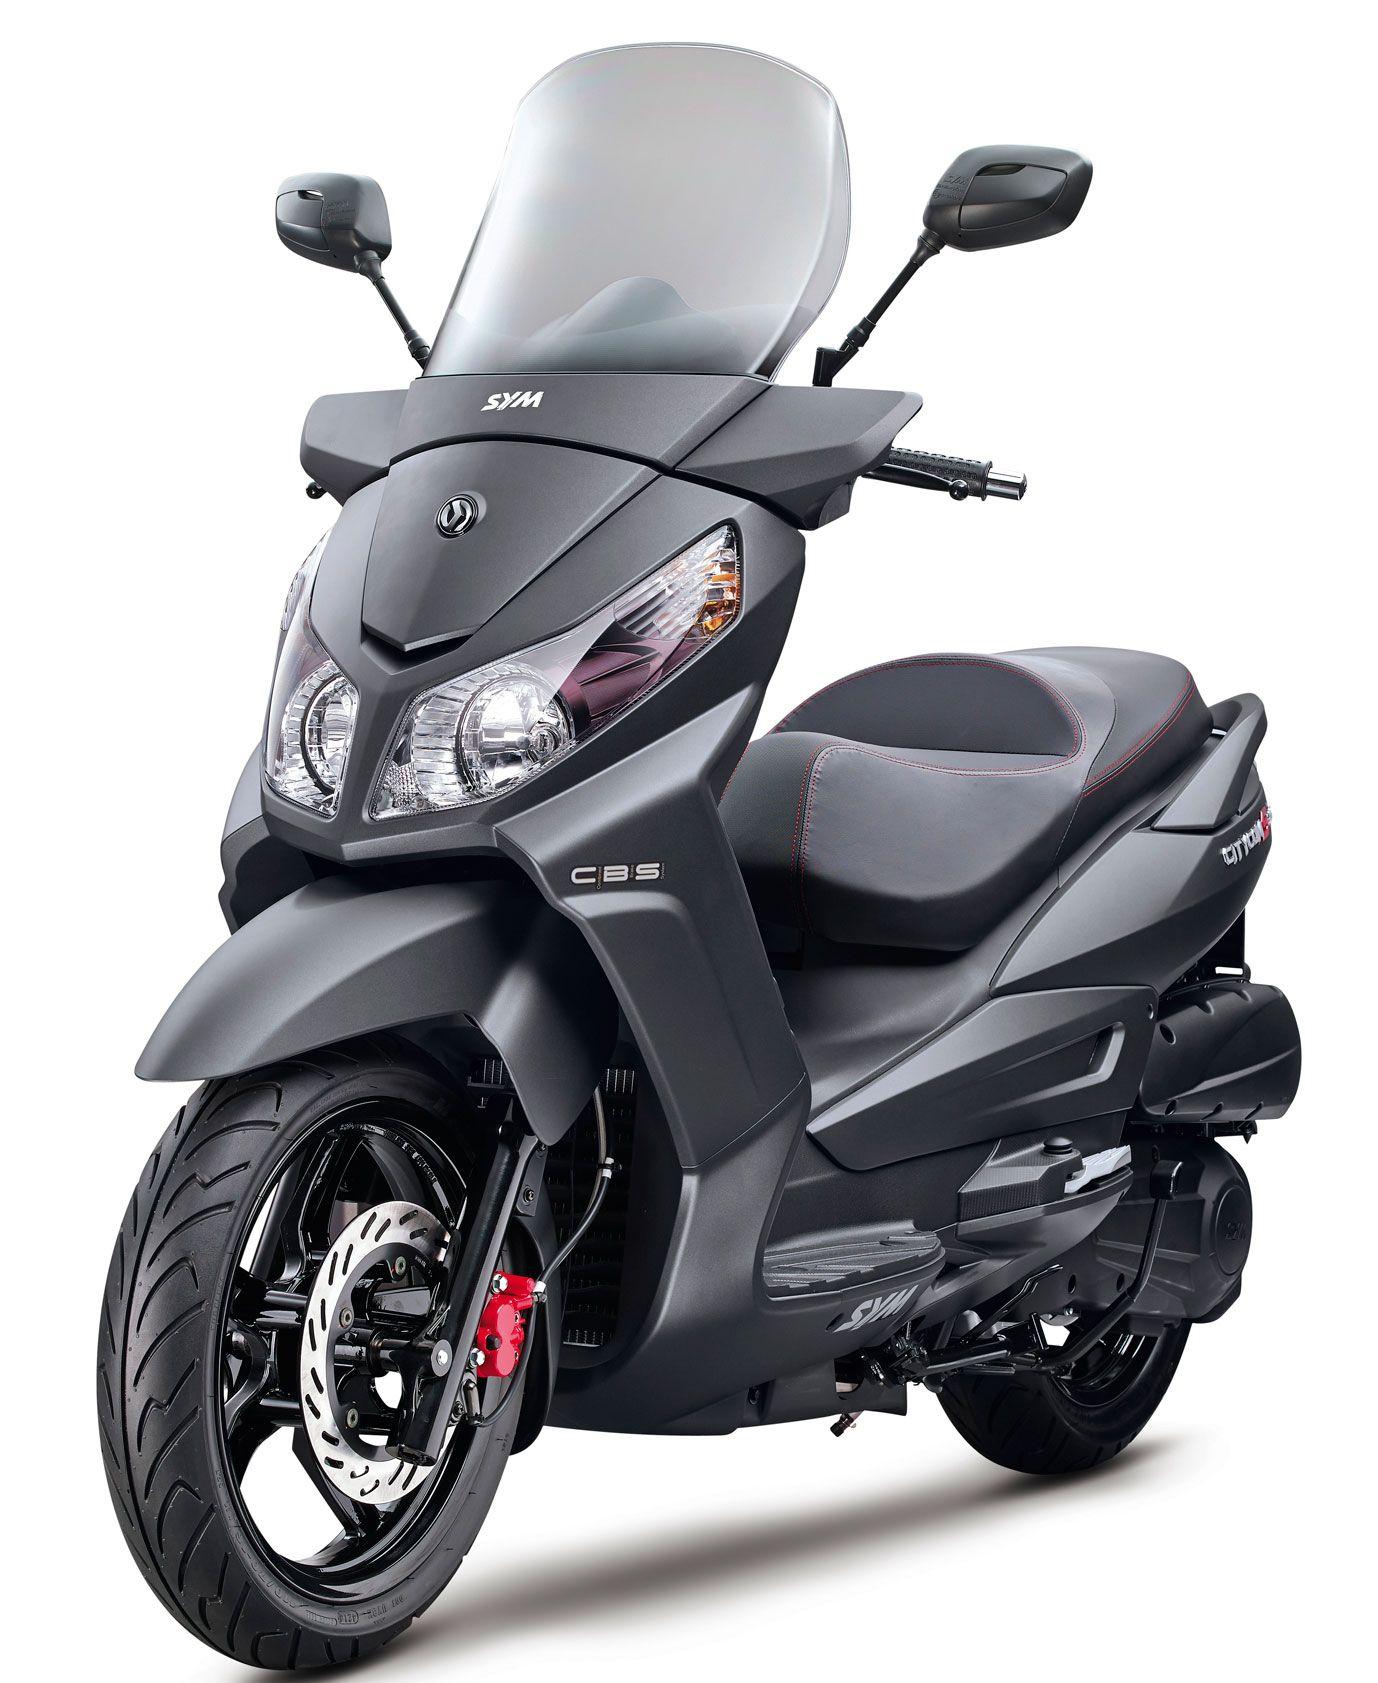 Yamaha motorcycle gloves india - Dafra Citycom 300i 2017